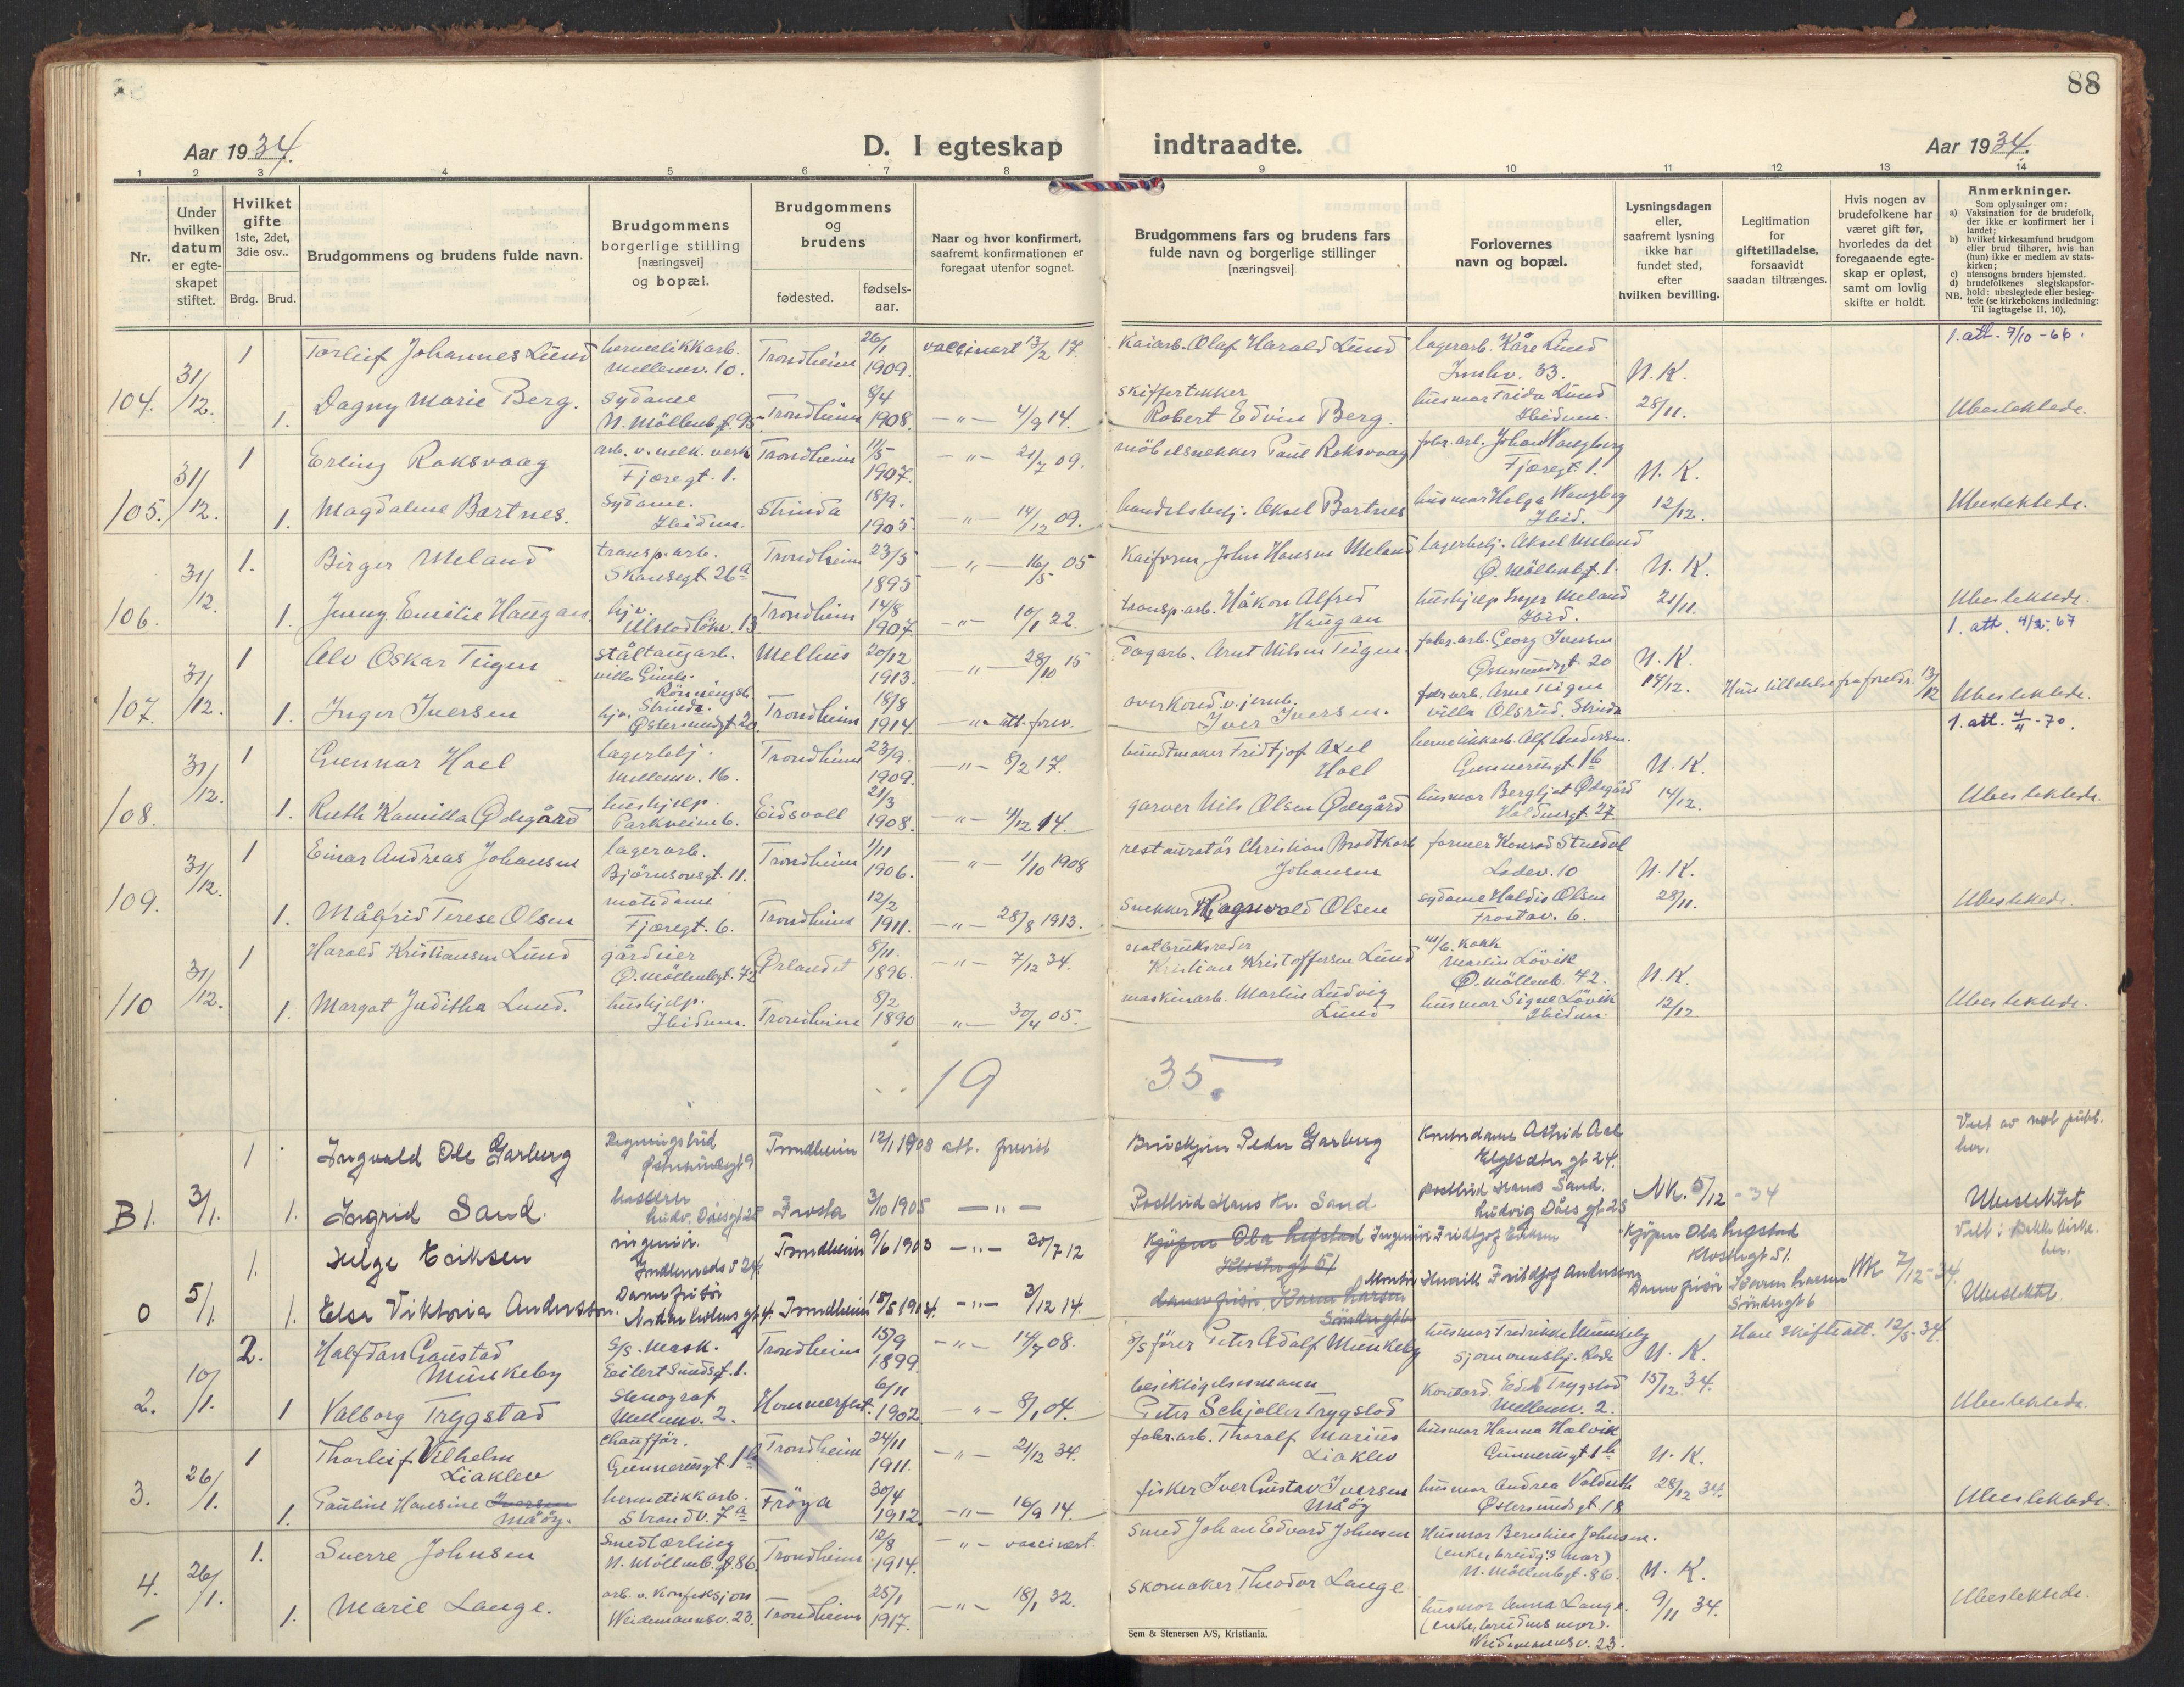 SAT, Ministerialprotokoller, klokkerbøker og fødselsregistre - Sør-Trøndelag, 605/L0249: Ministerialbok nr. 605A11, 1925-1936, s. 88